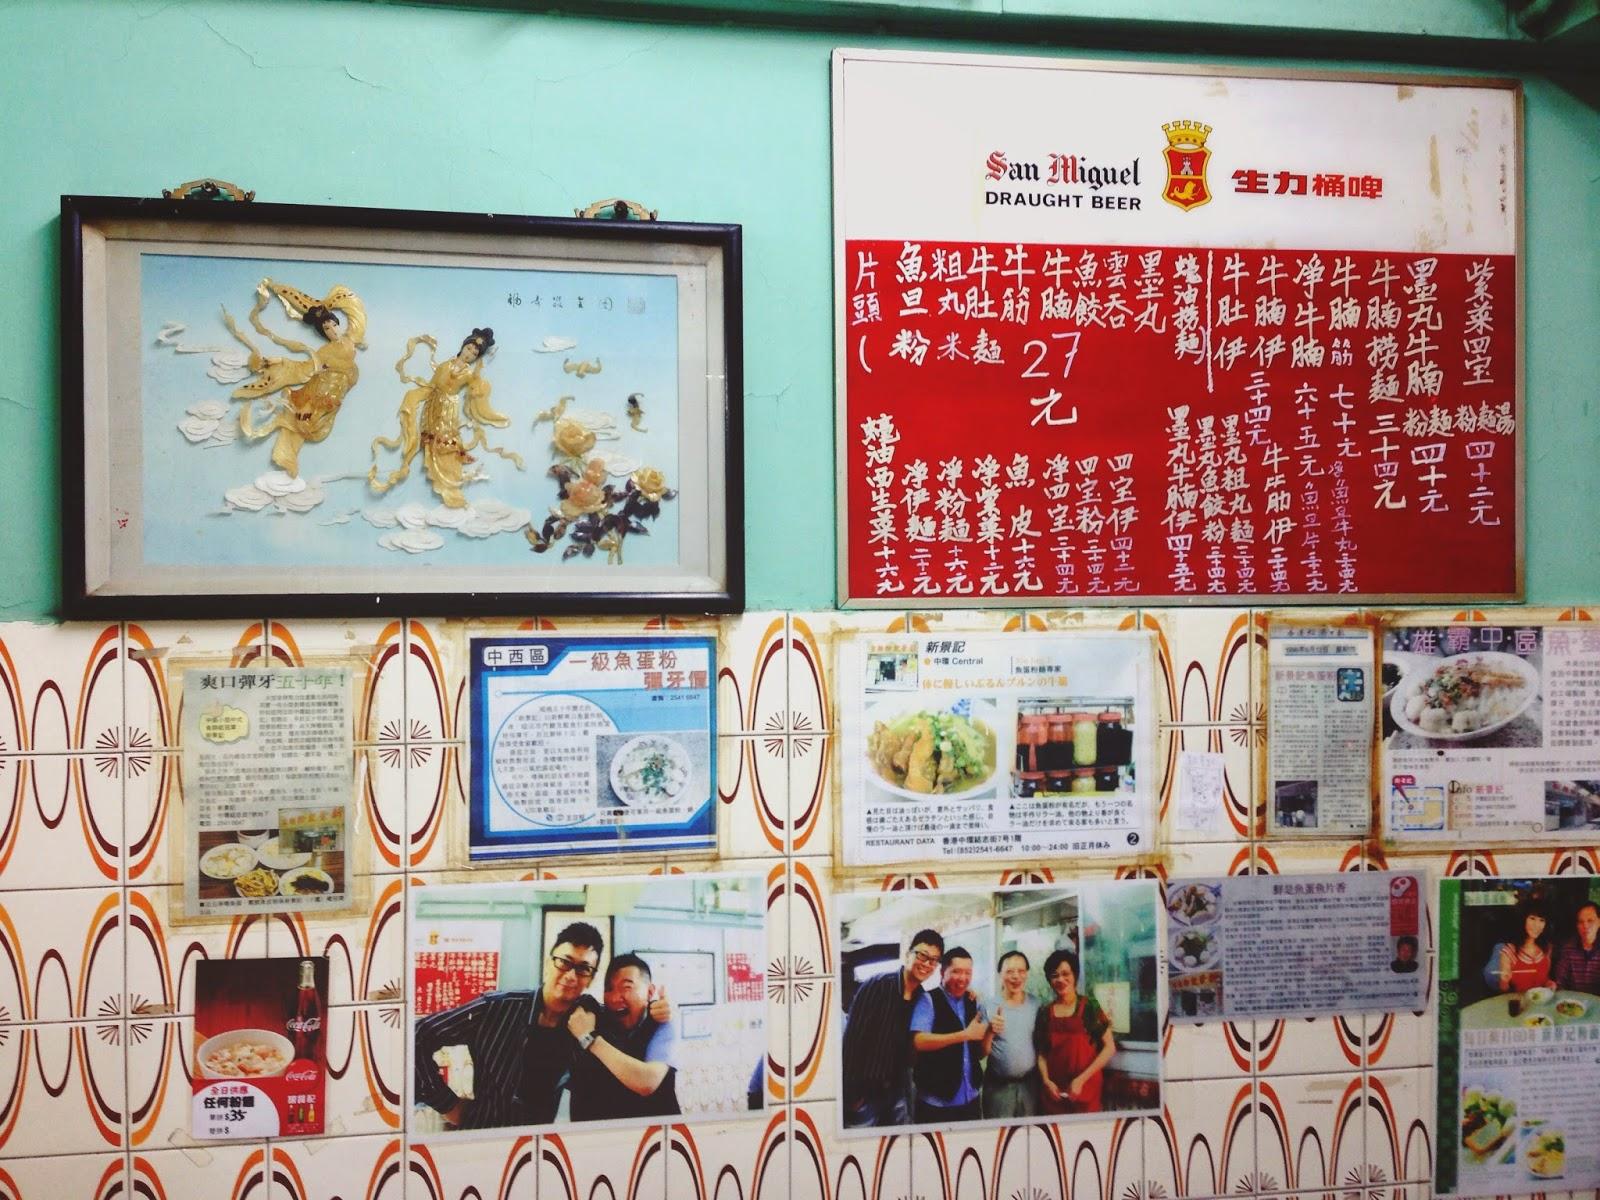 Sun King Kee Noodles Central Hong Kong Menu